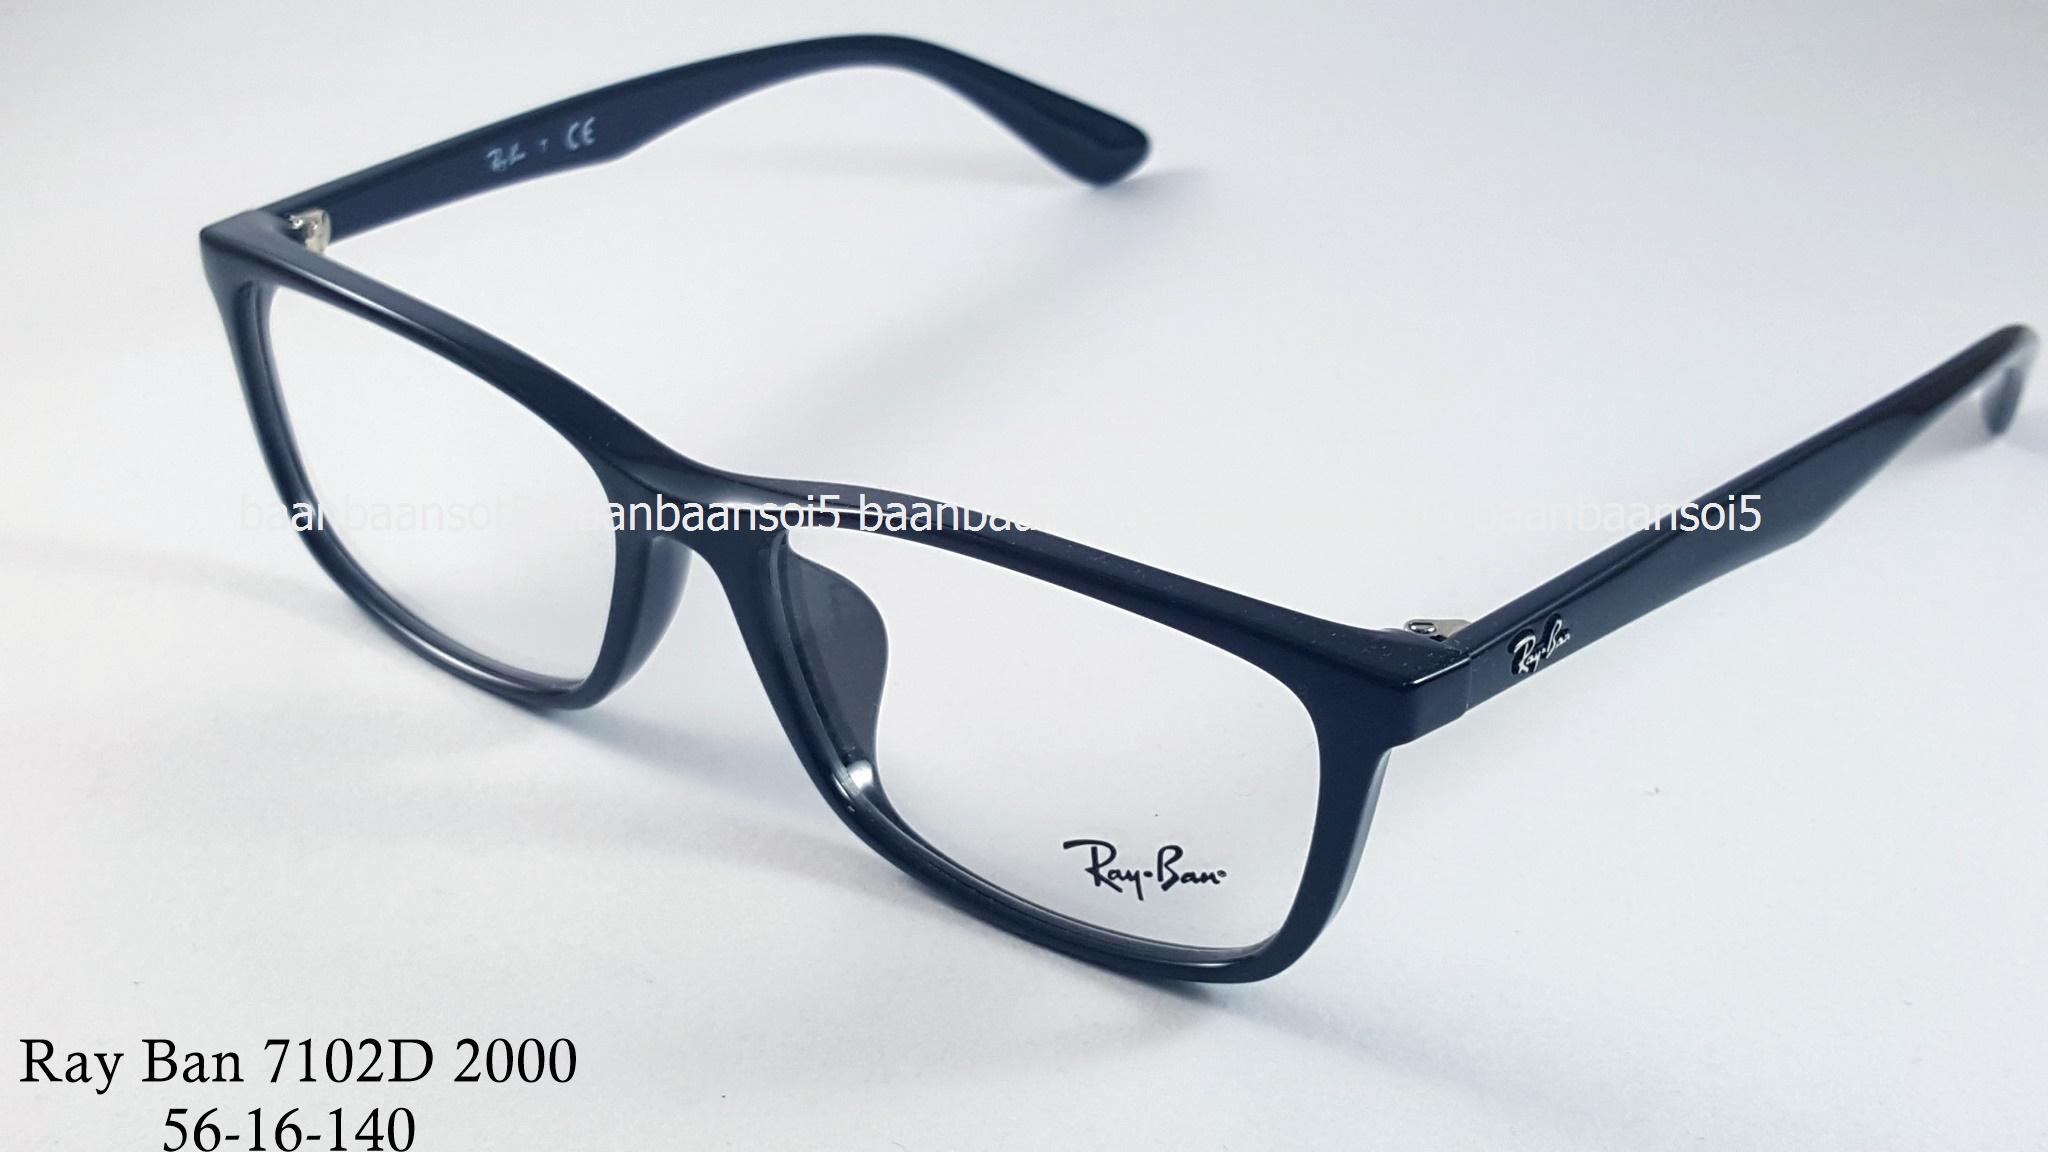 Rayban RX 7102D 2000 โปรโมชั่น กรอบแว่นตาพร้อมเลนส์ HOYA ราคา 2,900 บาท